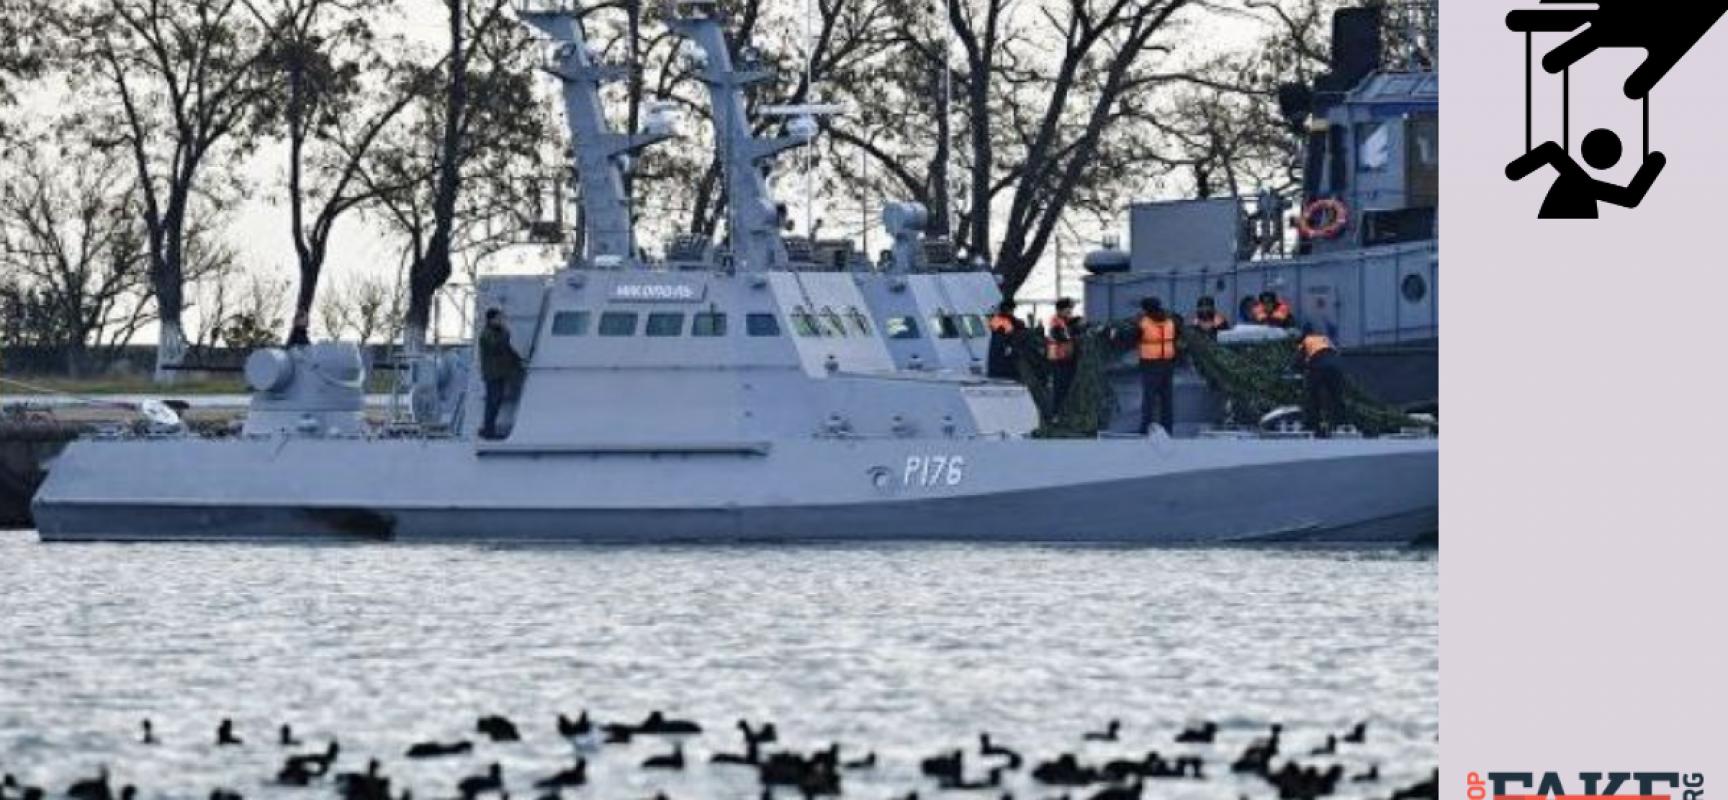 Манипуляция: ЕС отказался наказать Россию за захват моряков ВМСУ в Керченском проливе